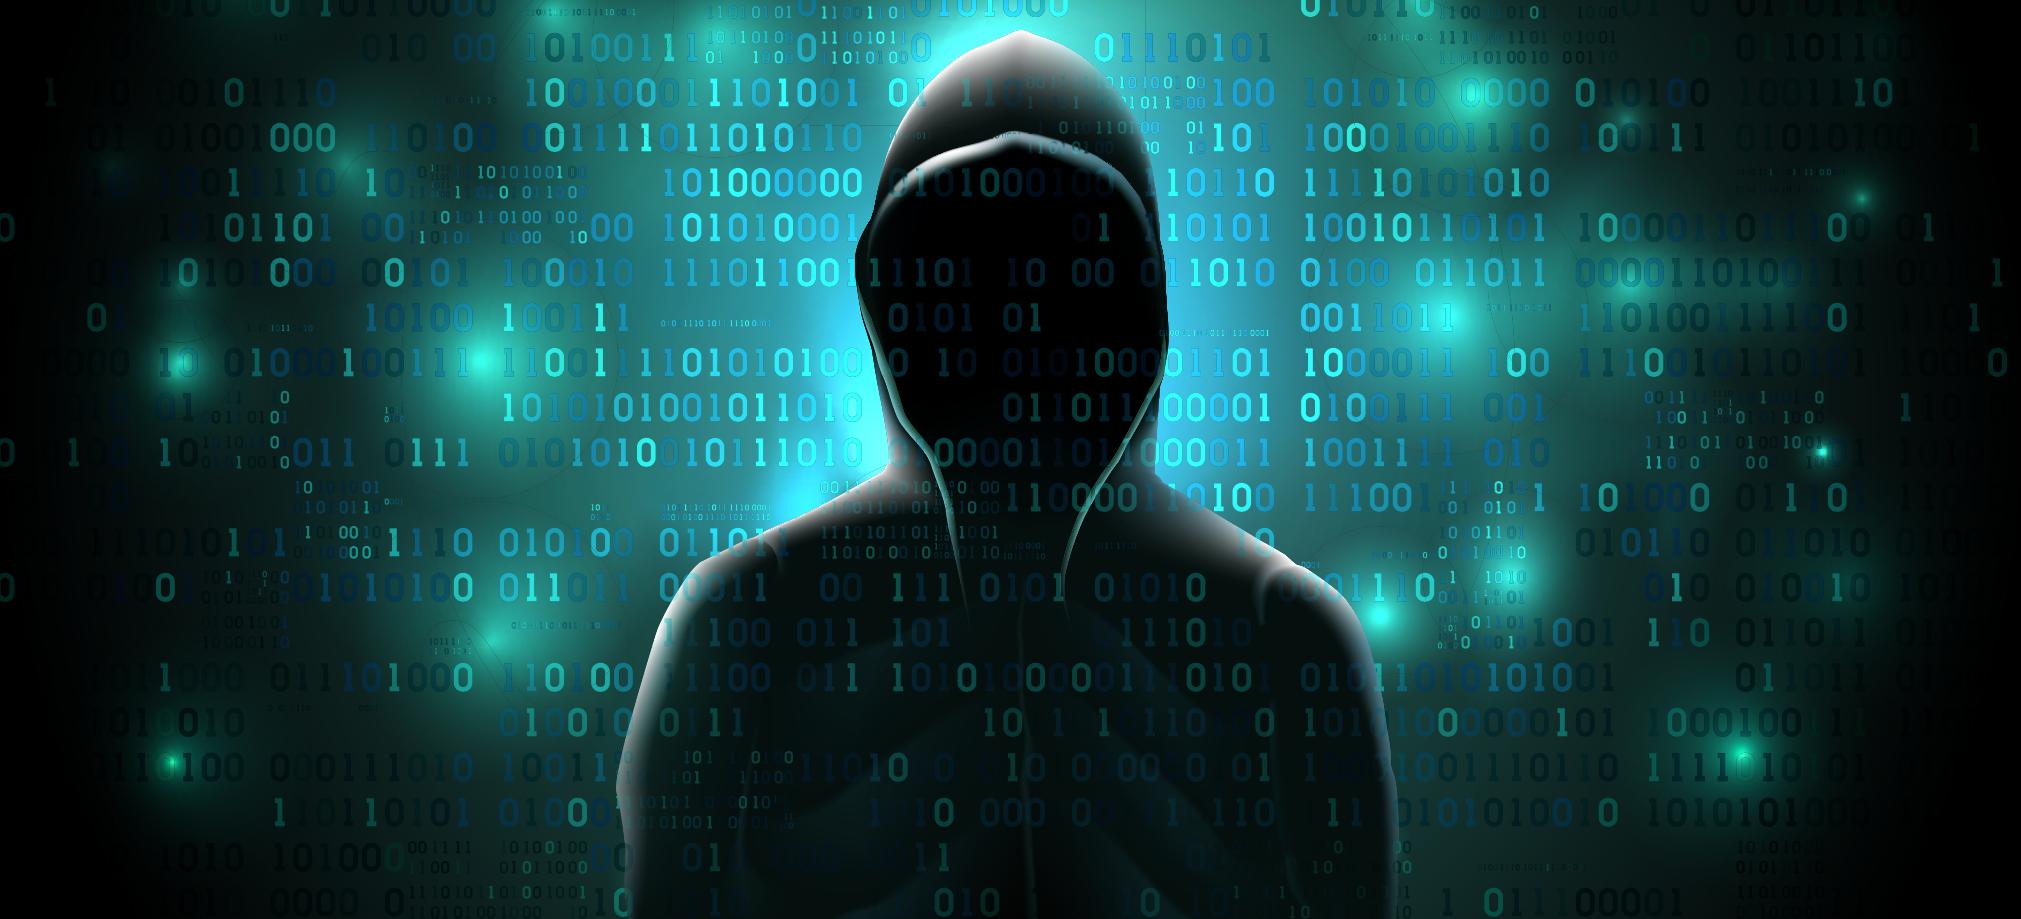 HÌnh ảnh Hacker số nhị phân rất đẹp